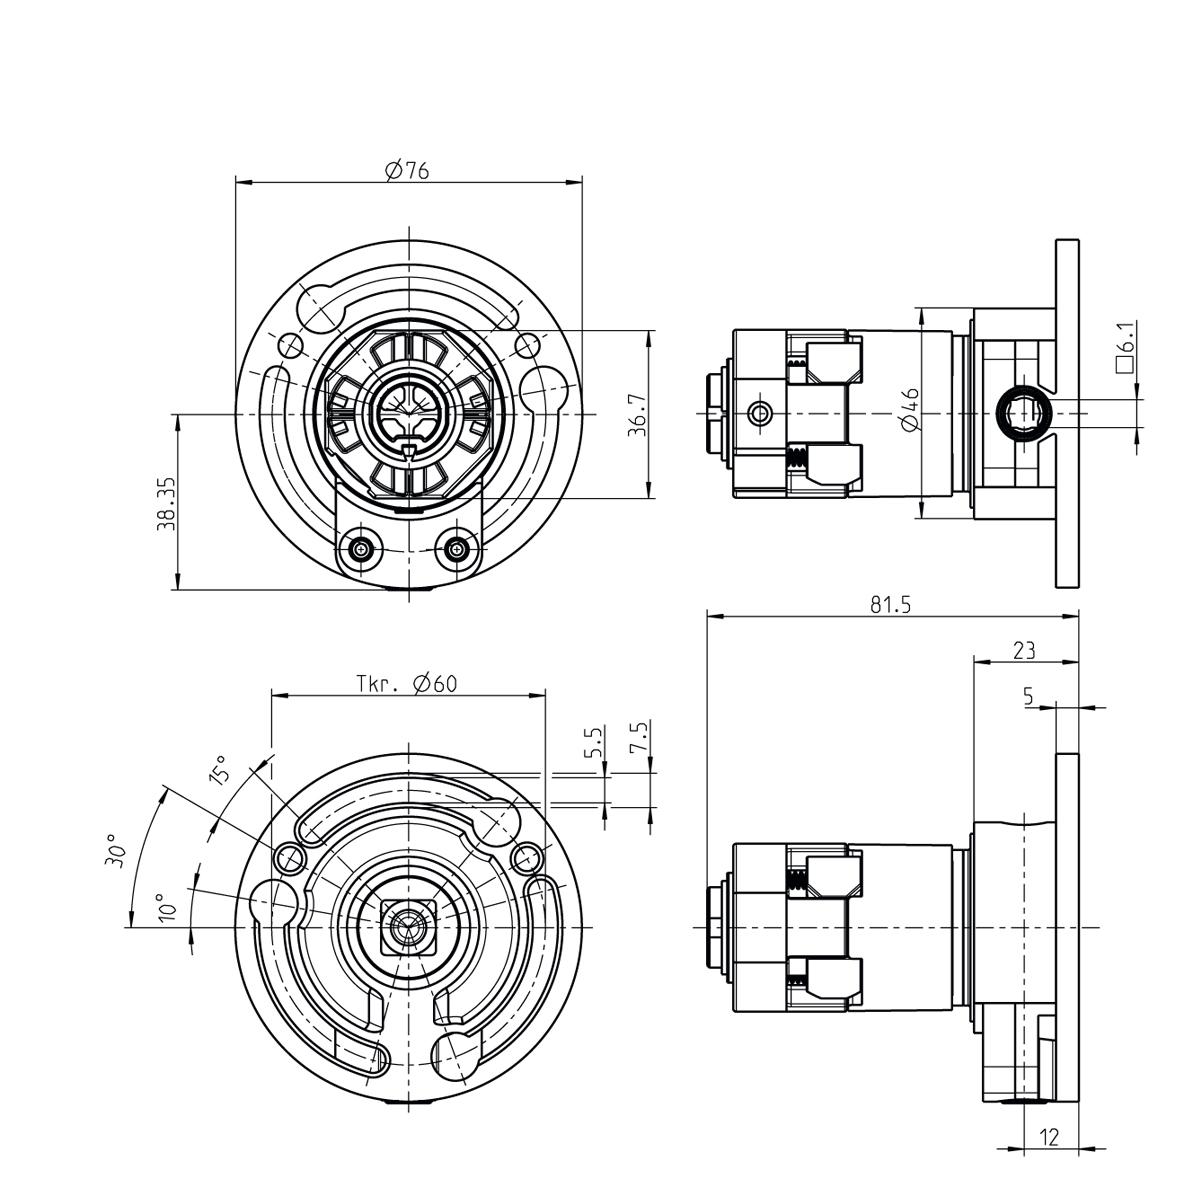 Kegelradgetriebe